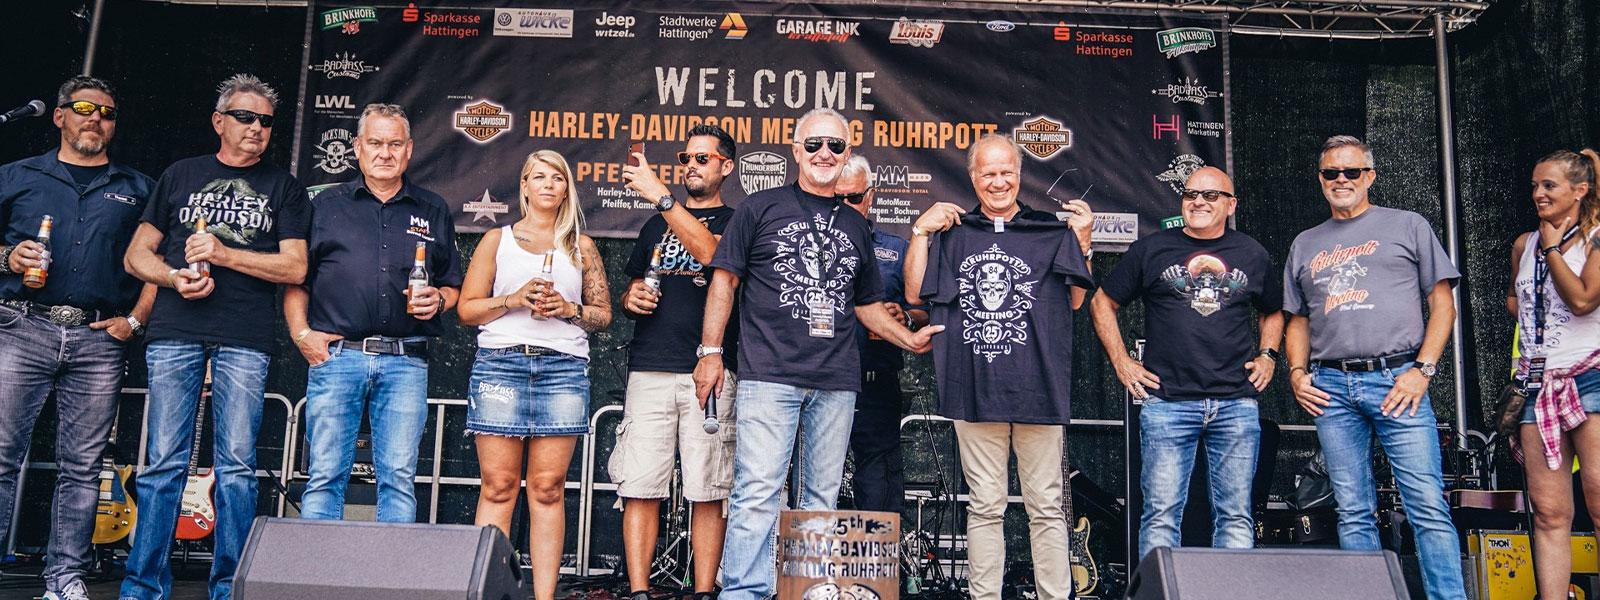 harley-meeting-ruhrpott7